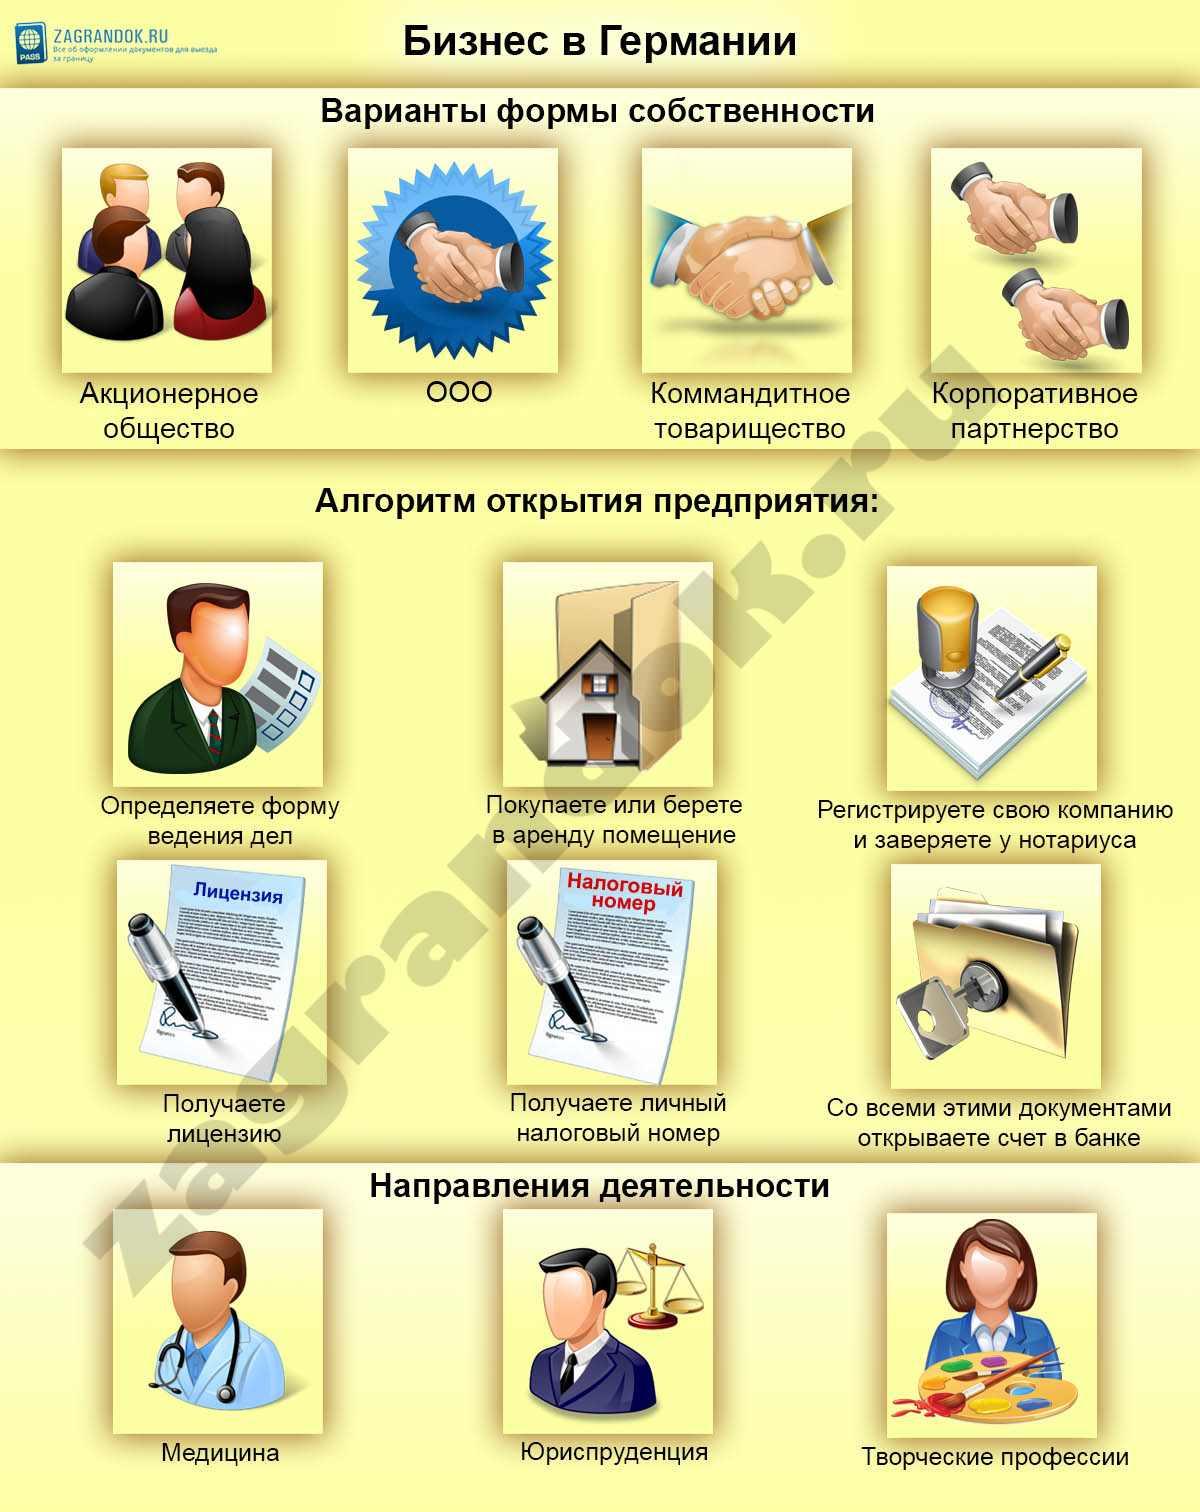 Бизнес в Германии